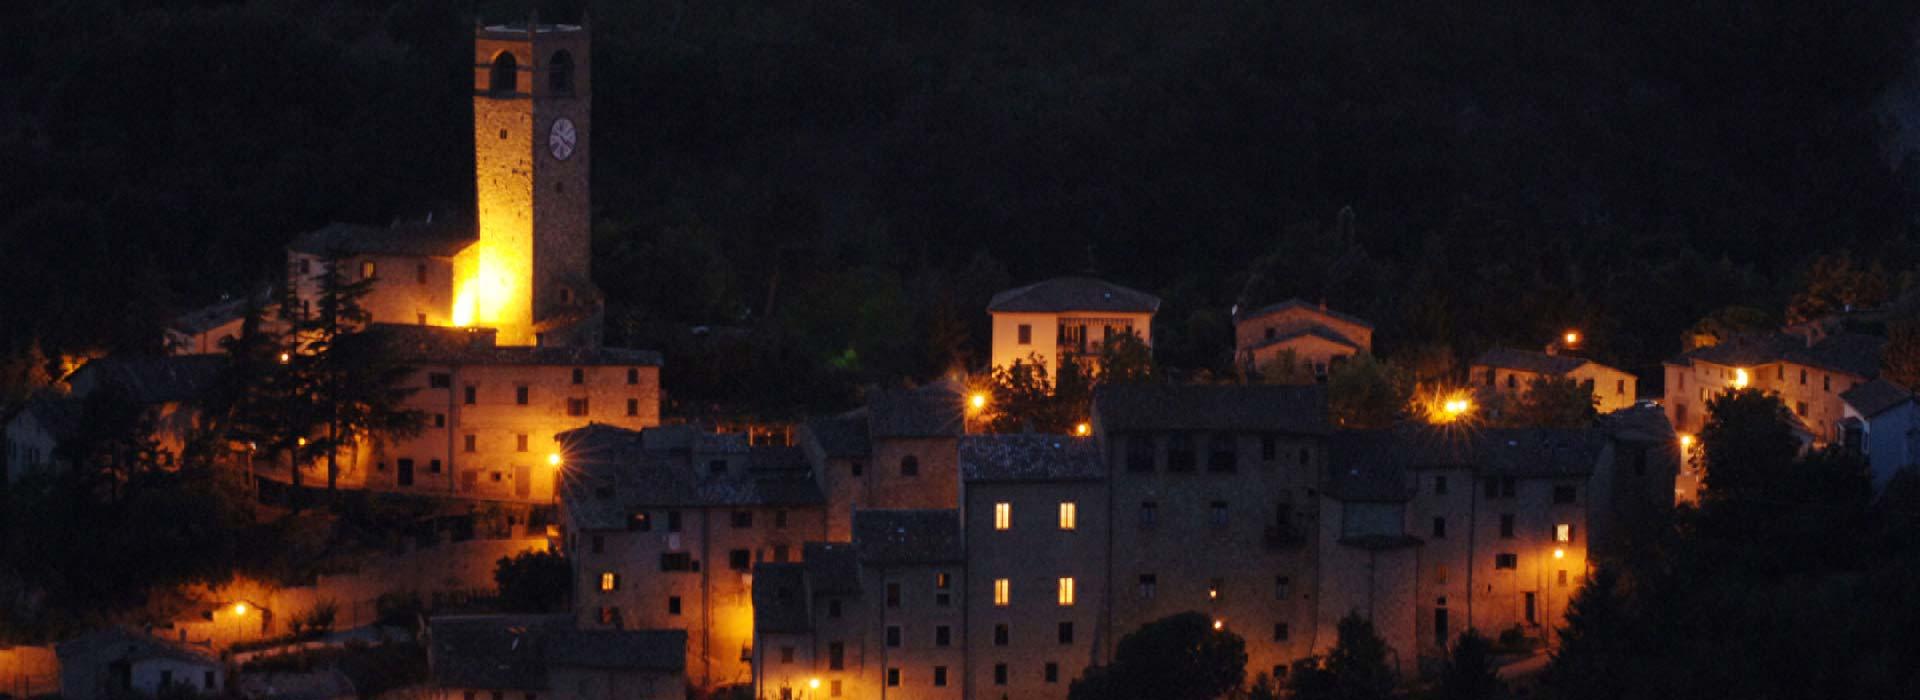 macerata-feltria-panoramica-notturna